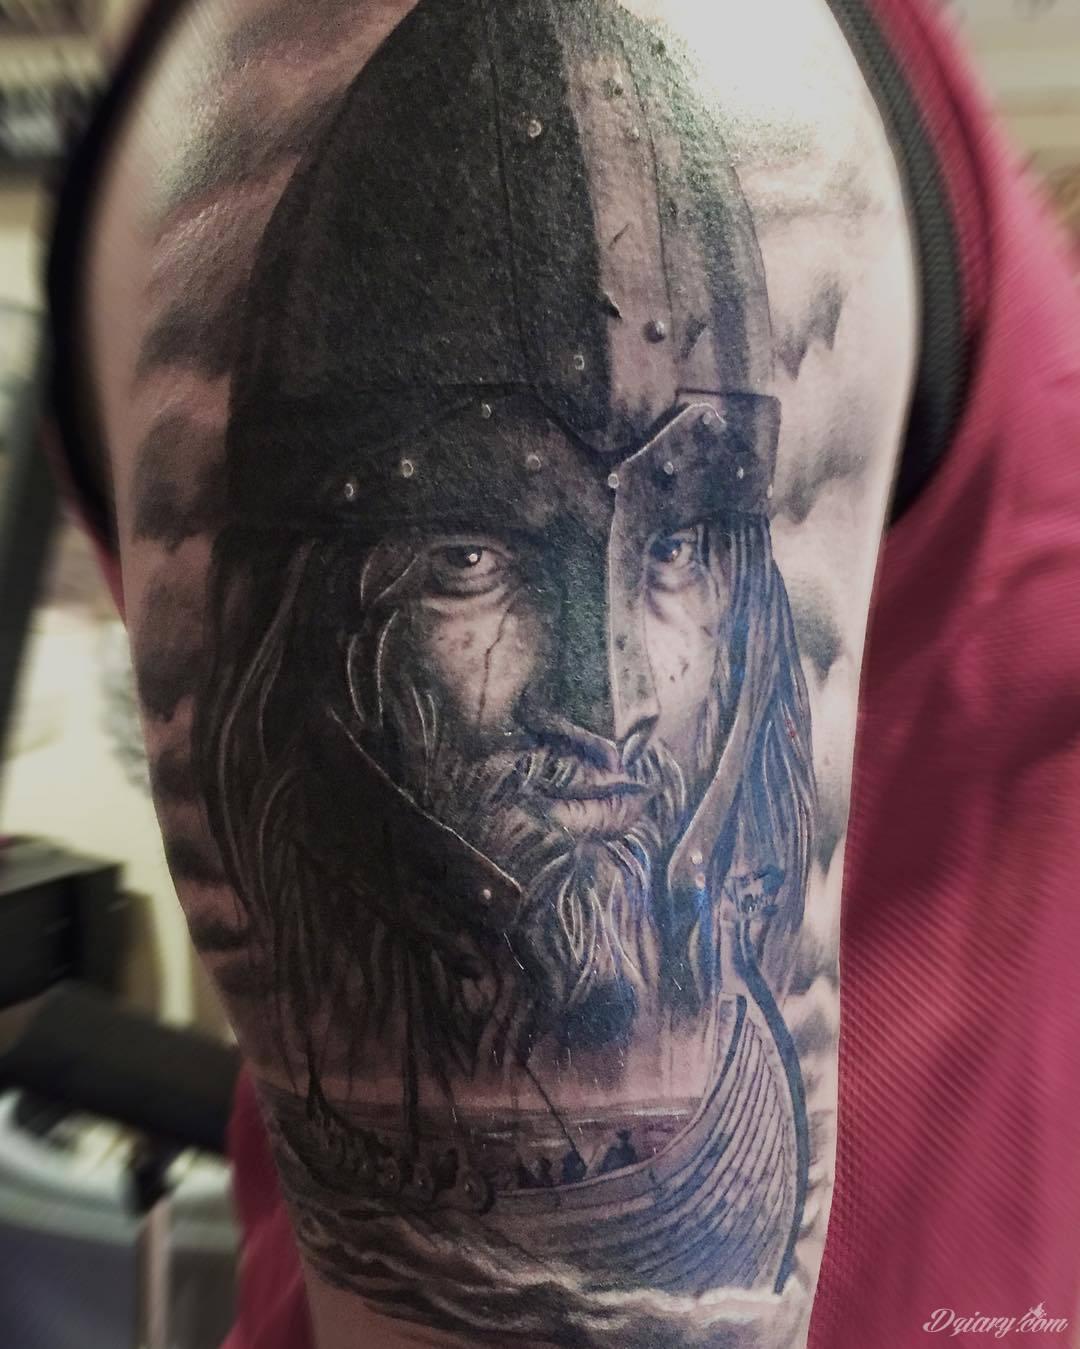 Wzory Tatuaży Wiking Inspiracje Z Kategorii Tatuaże Wiking